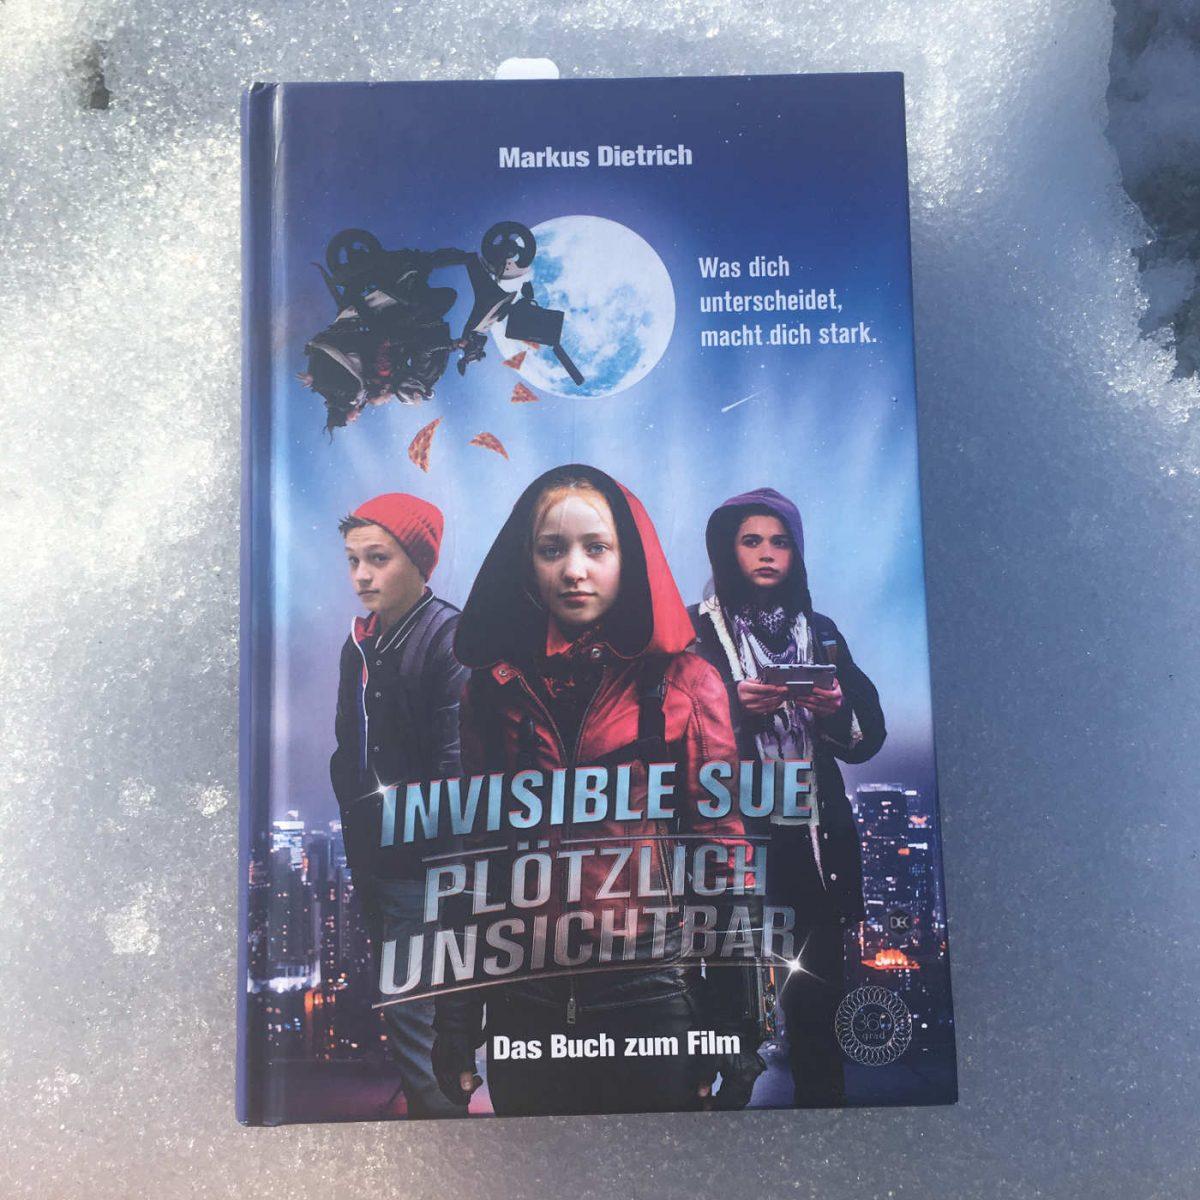 Markus Dietrich: INVISIBLE SUE Plötzlich unsichtbar